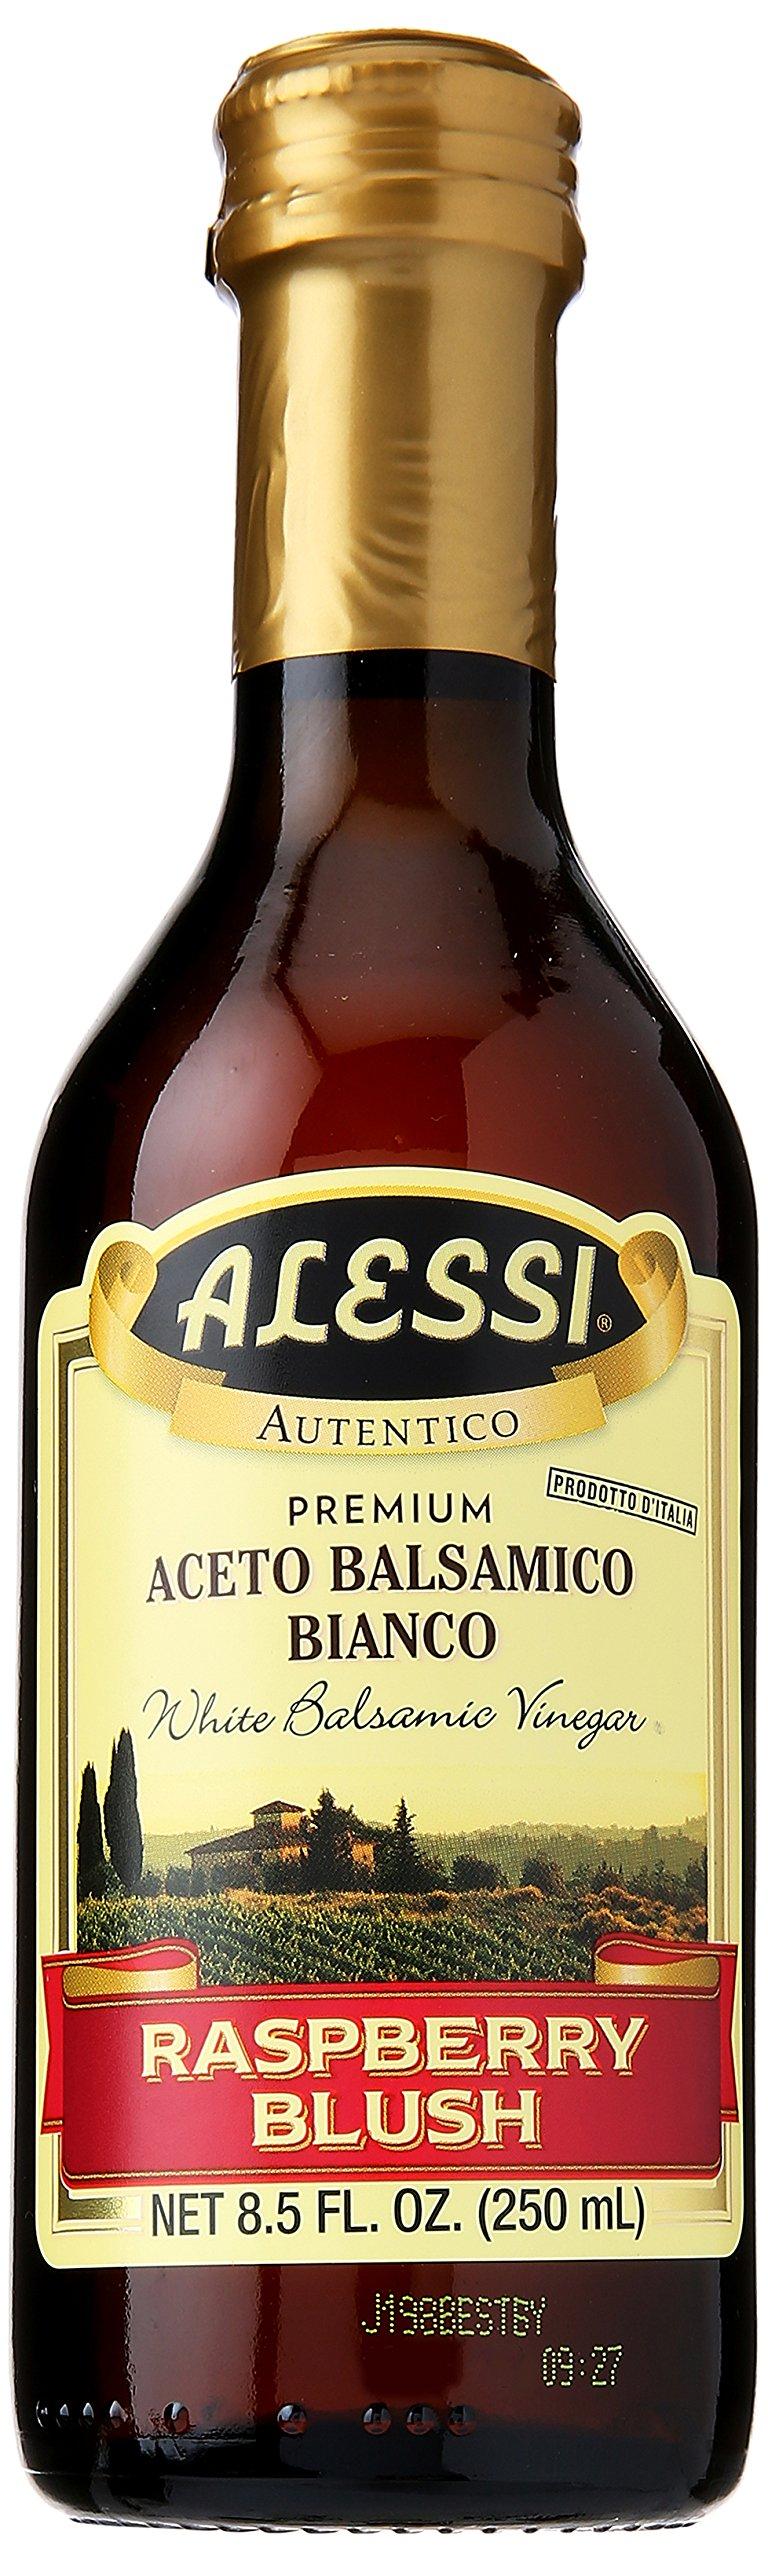 Alessi Foods White Balsamic Raspberry Blush Vinegar, 8.5 oz 1 Balsamic Vinaigrette Salad Dressings.